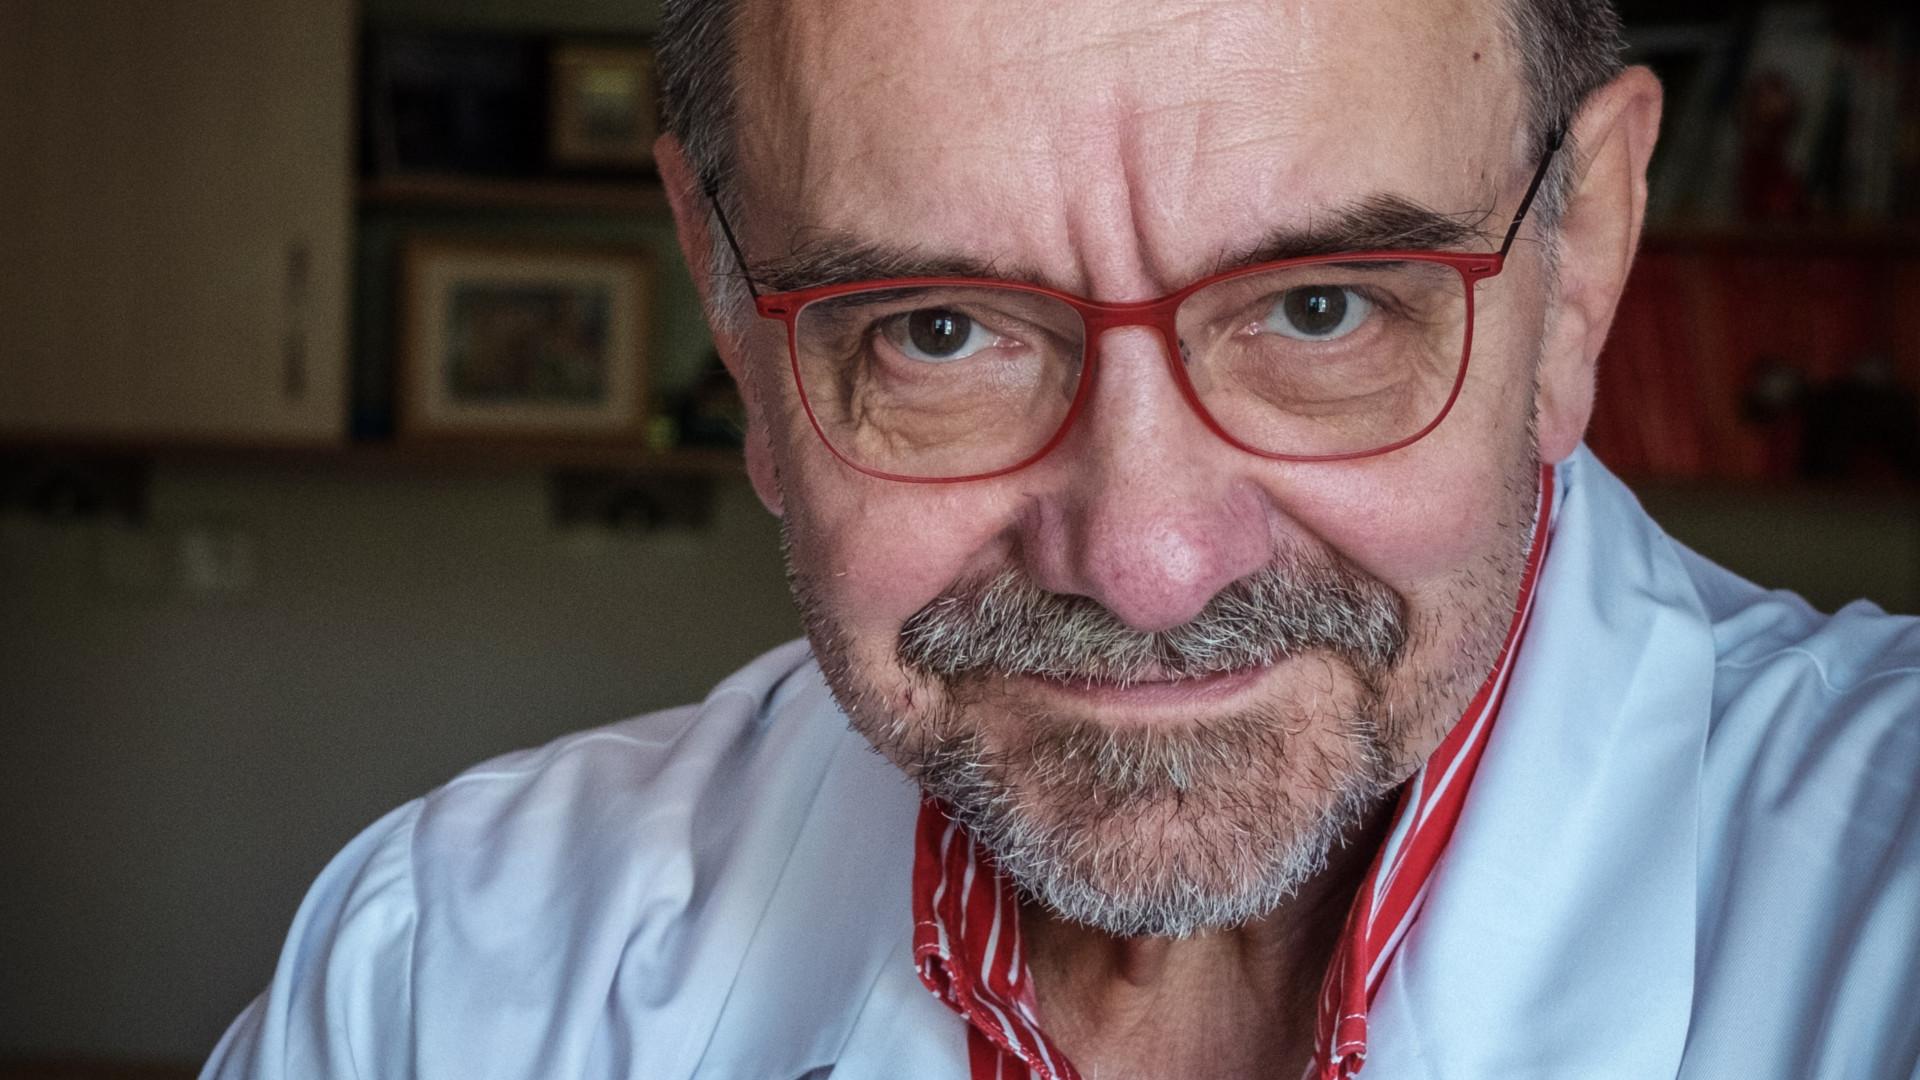 Zmarł wybitny lekarz ginekolog, Romuald Dębski, miał 62 lata